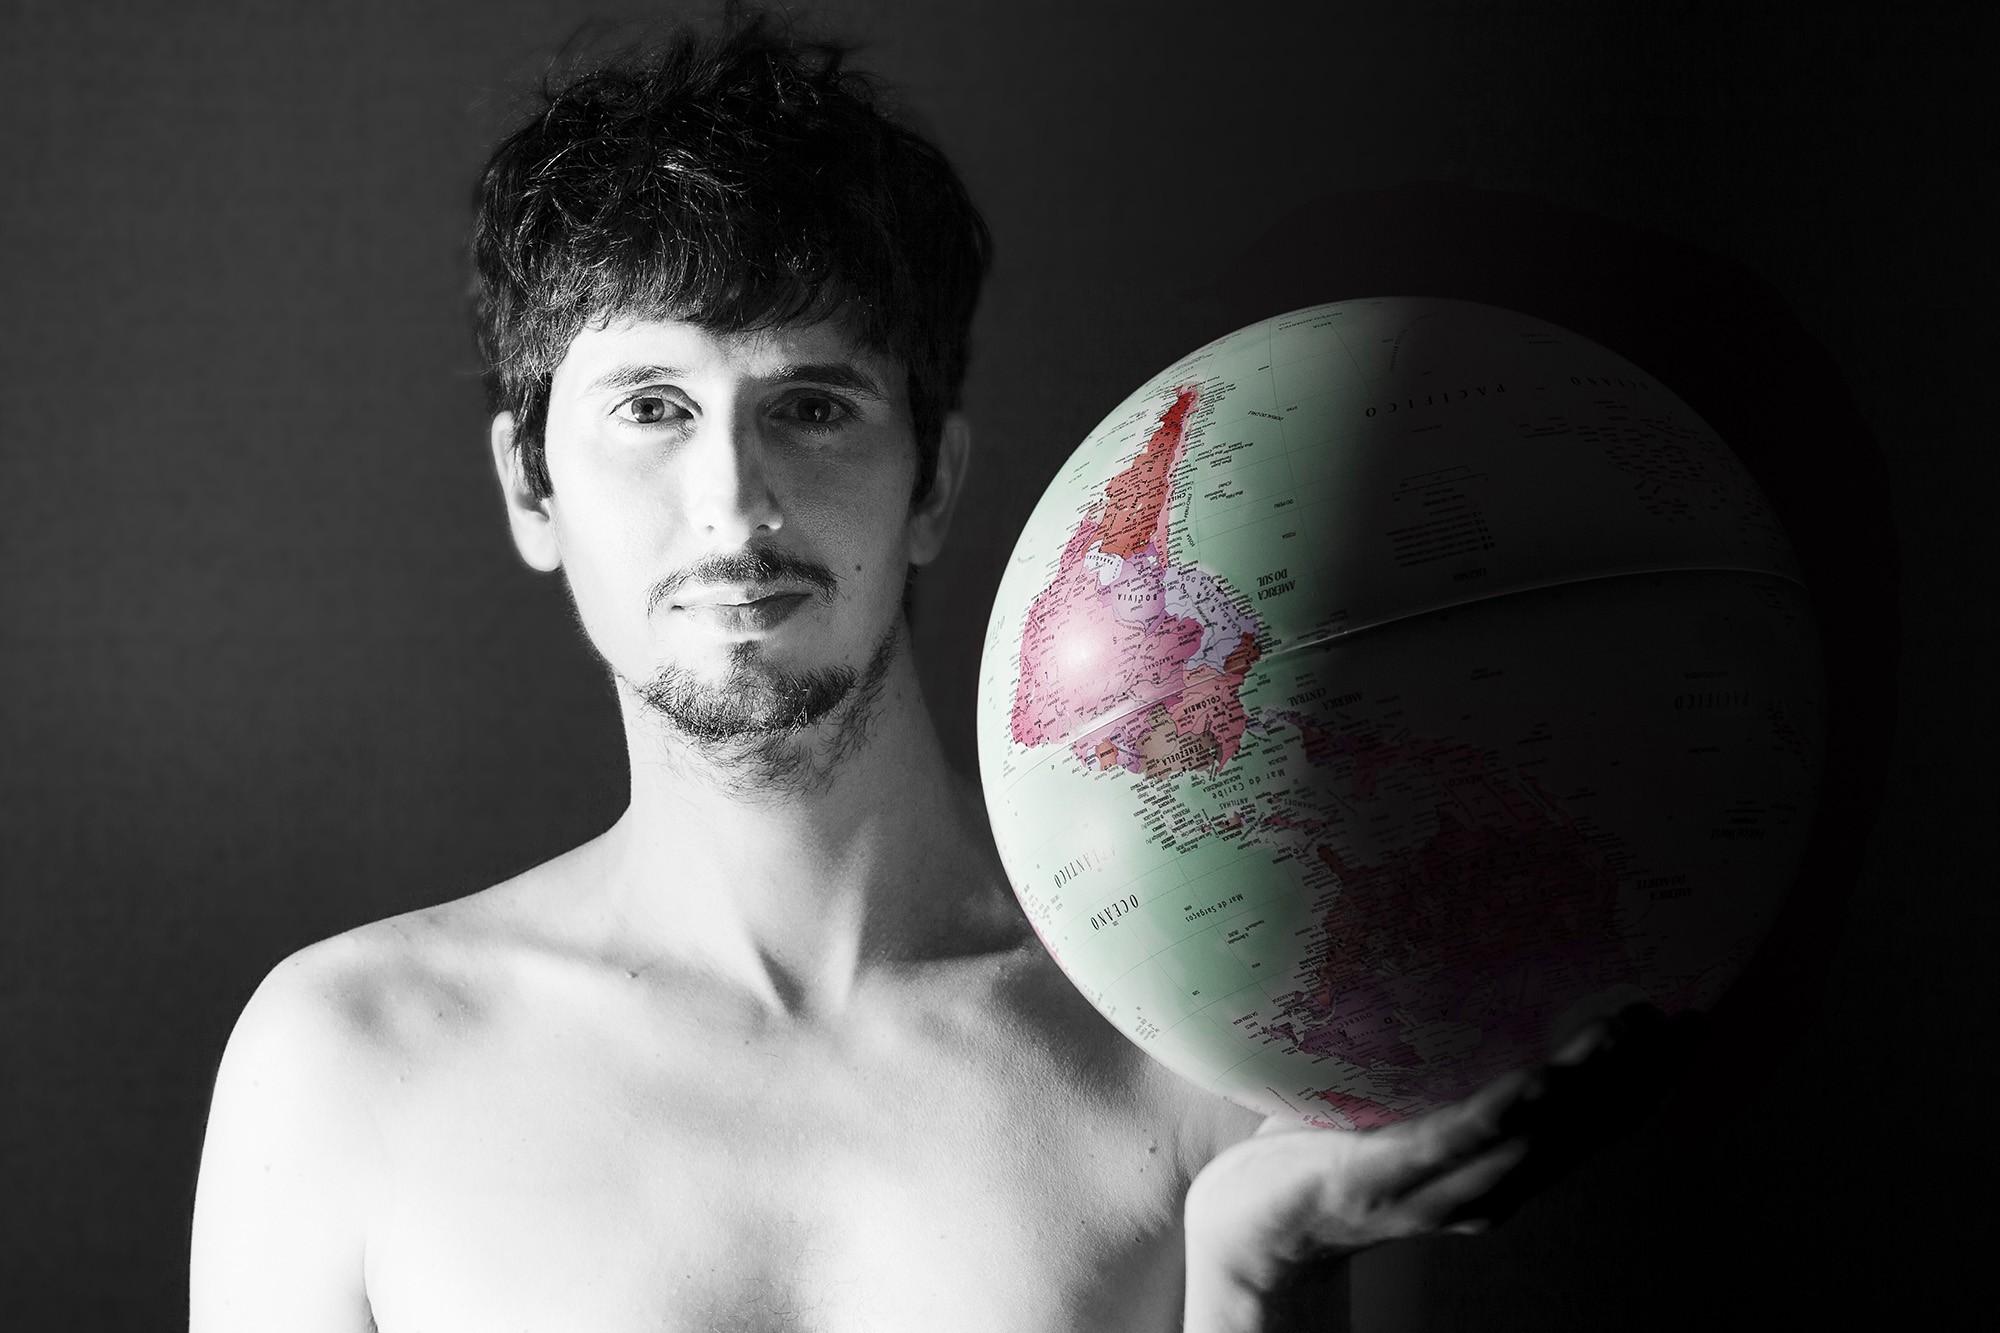 Marcelo Segreto, cantor da Filarmônica de Pasárgada, versa sobre a (des)união da América Latina em EP solo